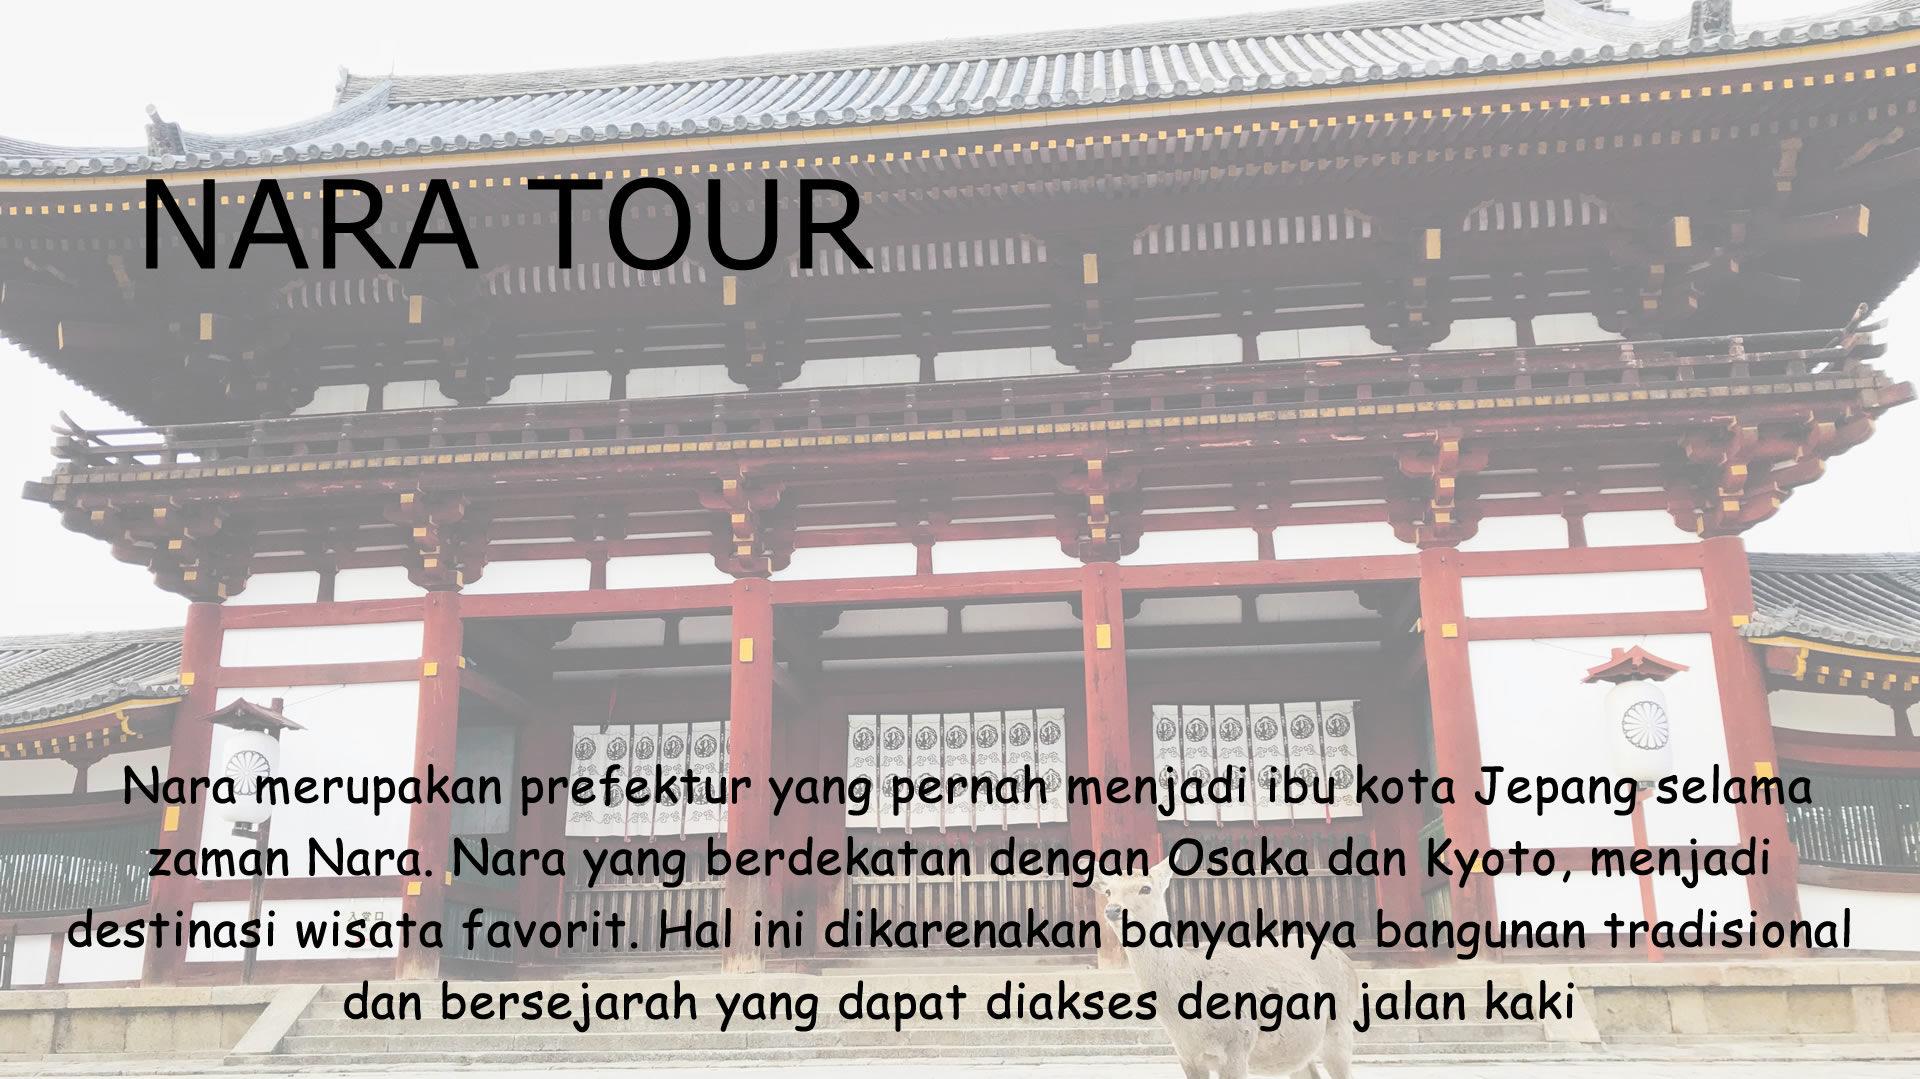 Nara merupakan prefektur yang pernah menjadi ibu kota Jepang selama zaman Nara. Nara yang berdekatan dengan Osaka dan Kyoto, menjadi destinasi wisata favorit. Hal ini dikarenakan banyaknya bangunan tradisional dan bersejarah yang dapat diakses dengan jalan kaki